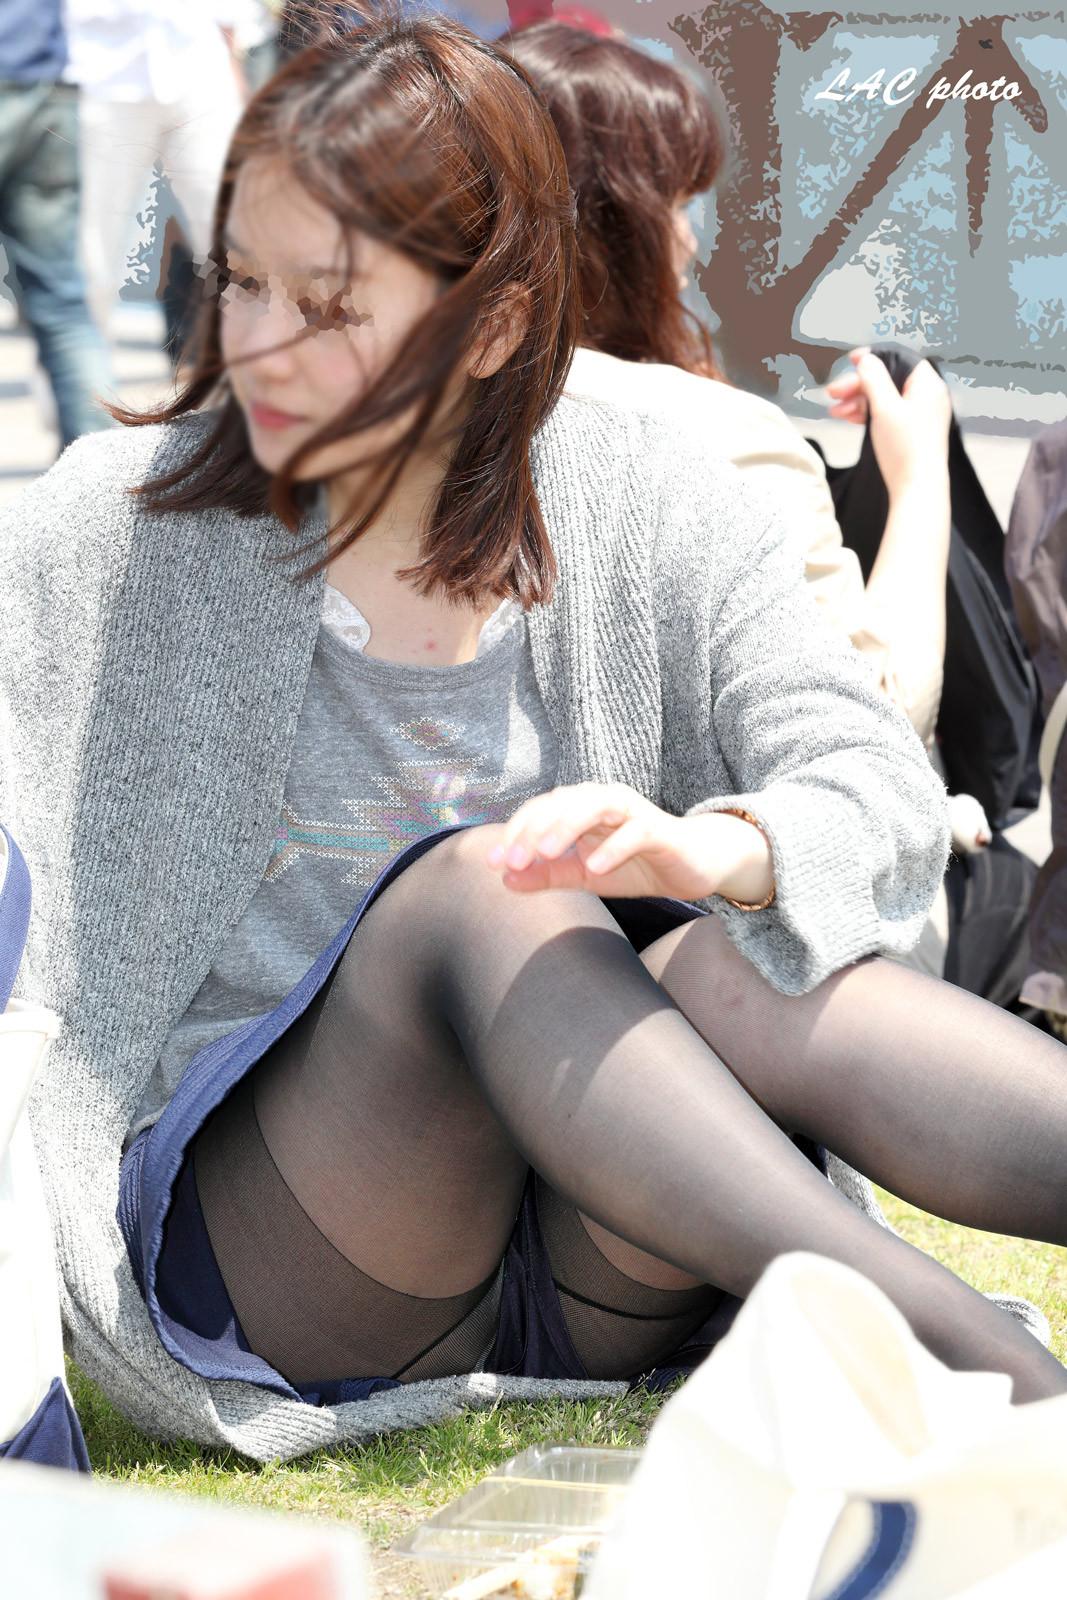 【パンチラエロ画像】地べたも気にせず座る若者ならば下着も当然の如く丸見えwww 07